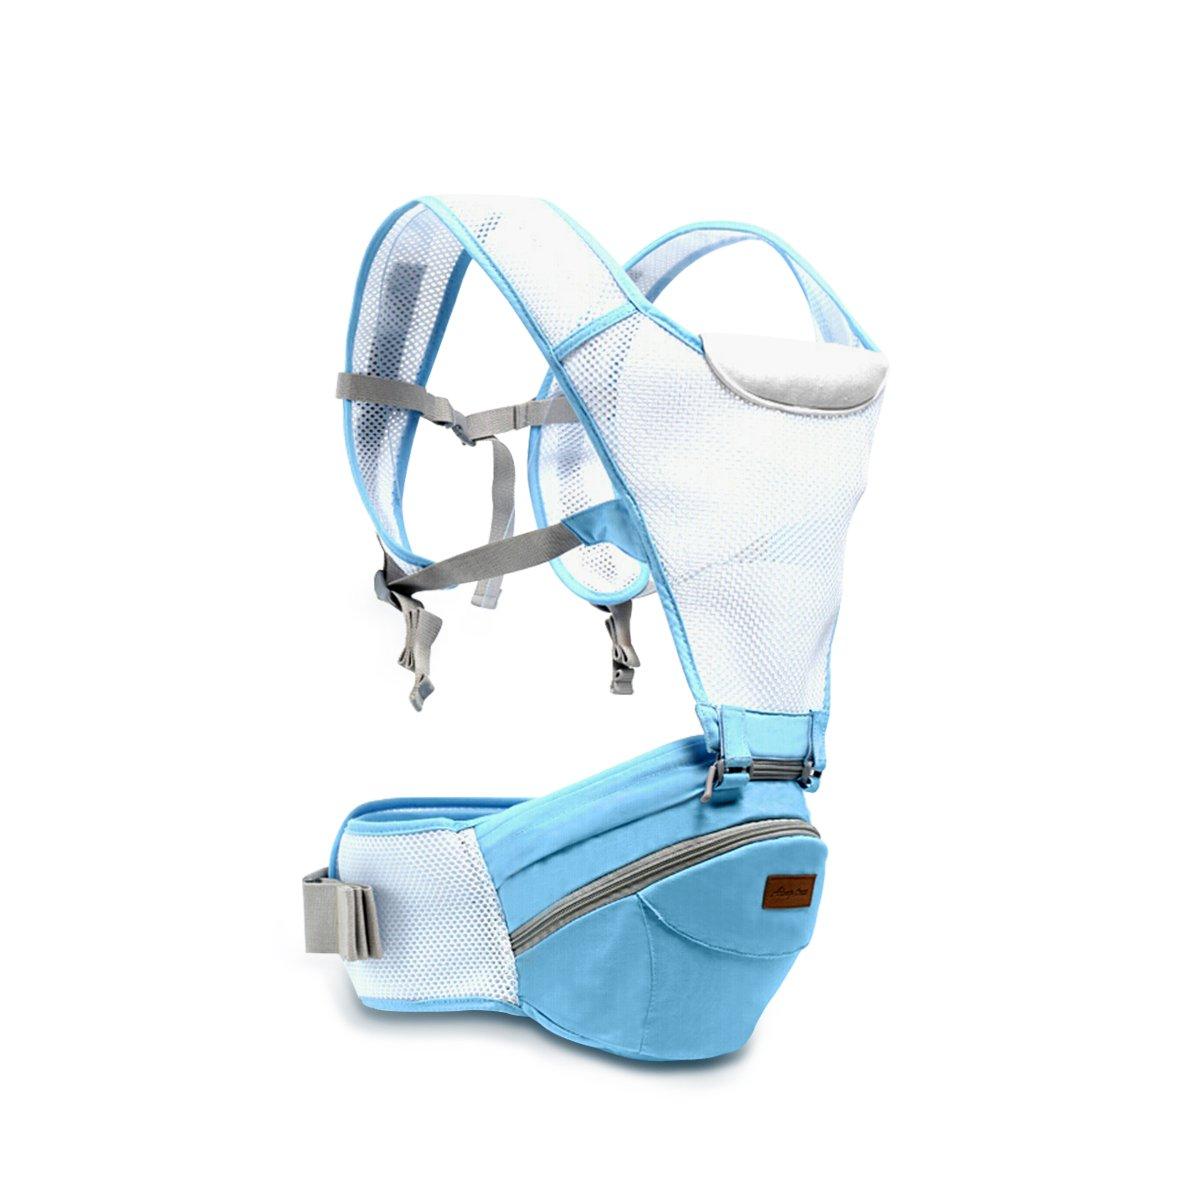 SONARIN 360°Breathable Premium Hipseat Baby Carrier,Babytrage,Ergonomisch, Mama Tasche,100% Baumwolle, Breathable Mesh Backing, Einfach zu tragen und Easy Mom,Gemütlich & Beruhigend für Babys, Angepasst an Ihr Kind wachsende, 100% GARANTIE und KOSTENLO